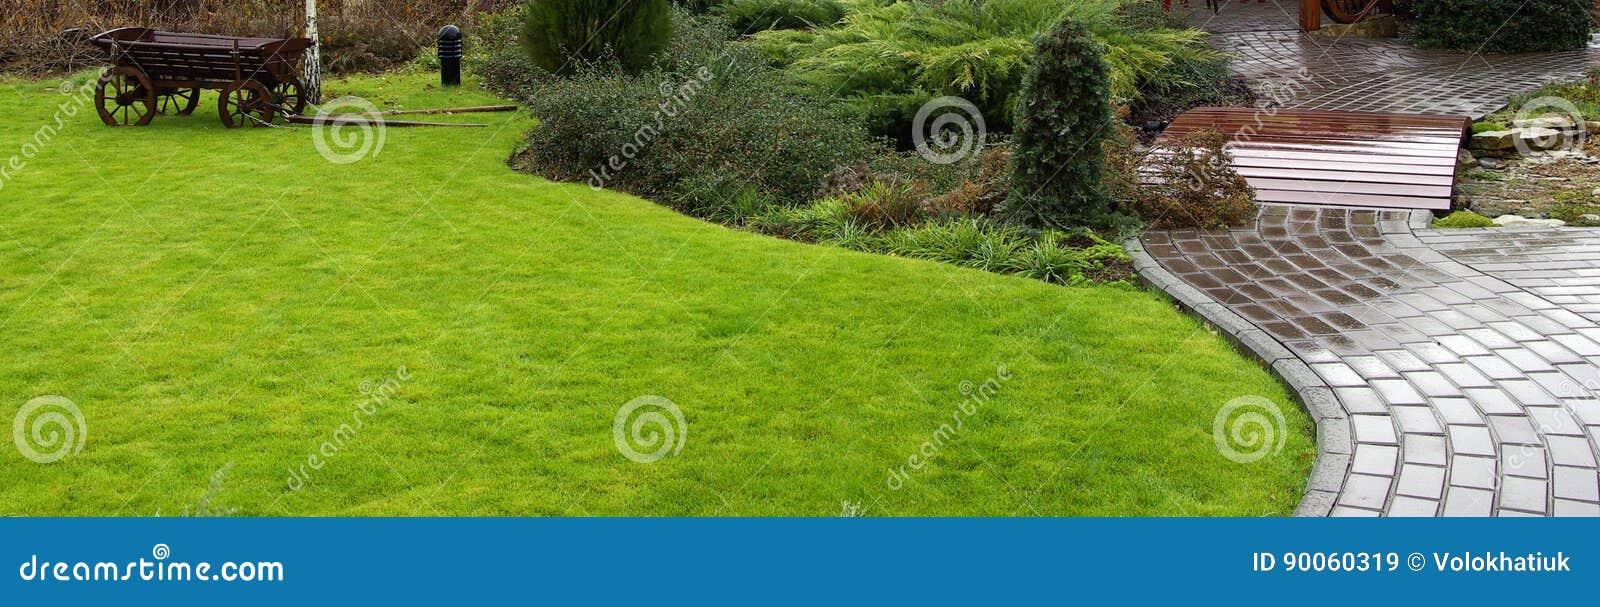 Ogrodowa ścieżka z trawą